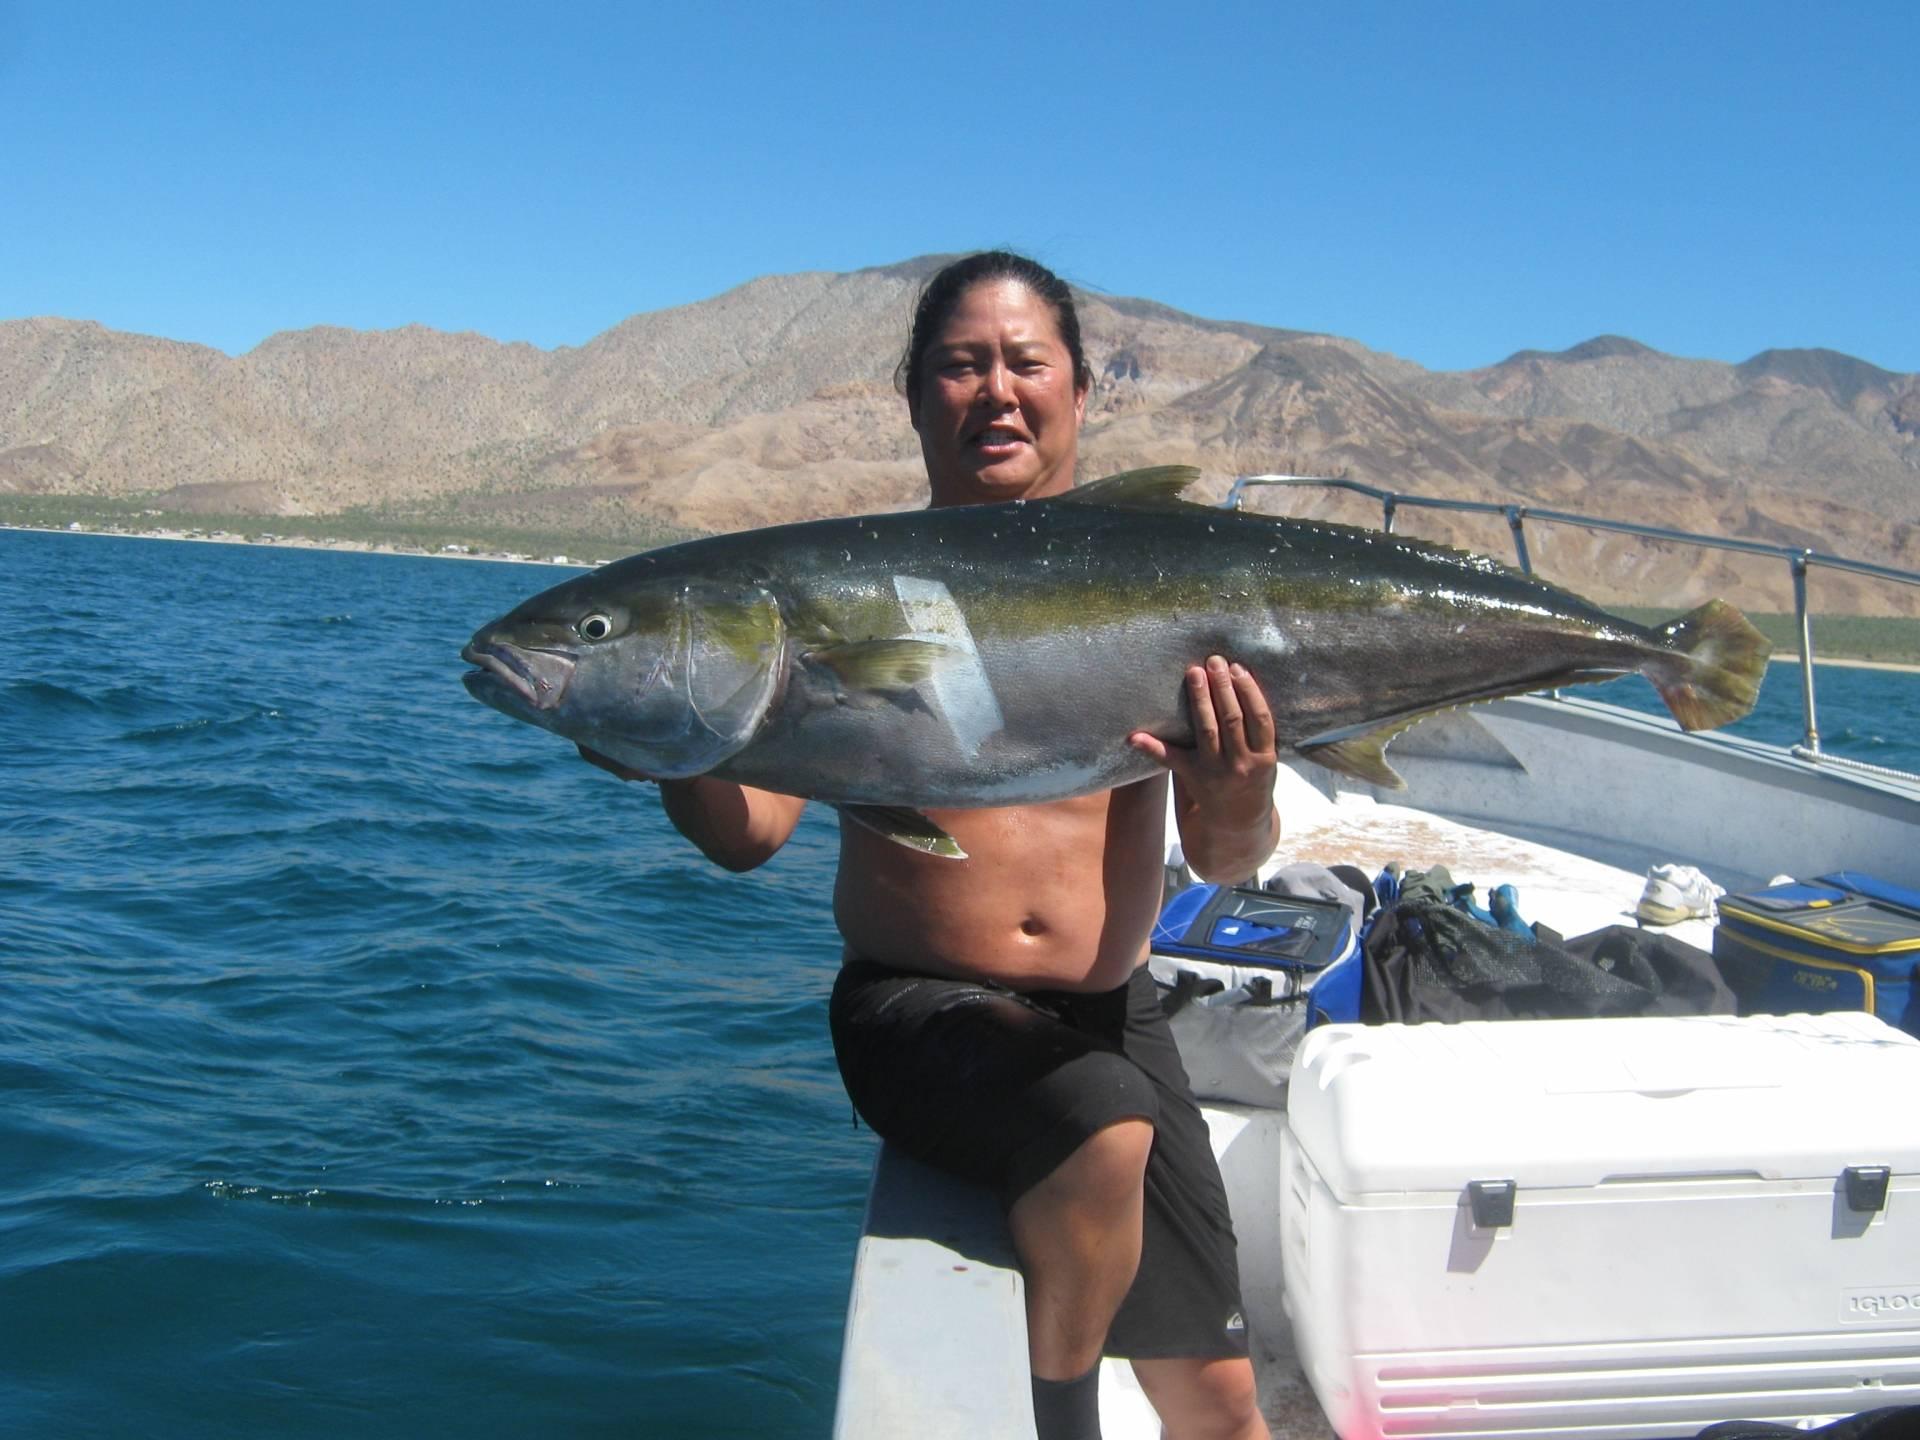 Bahia de los sportfishing for Fishing in los angeles